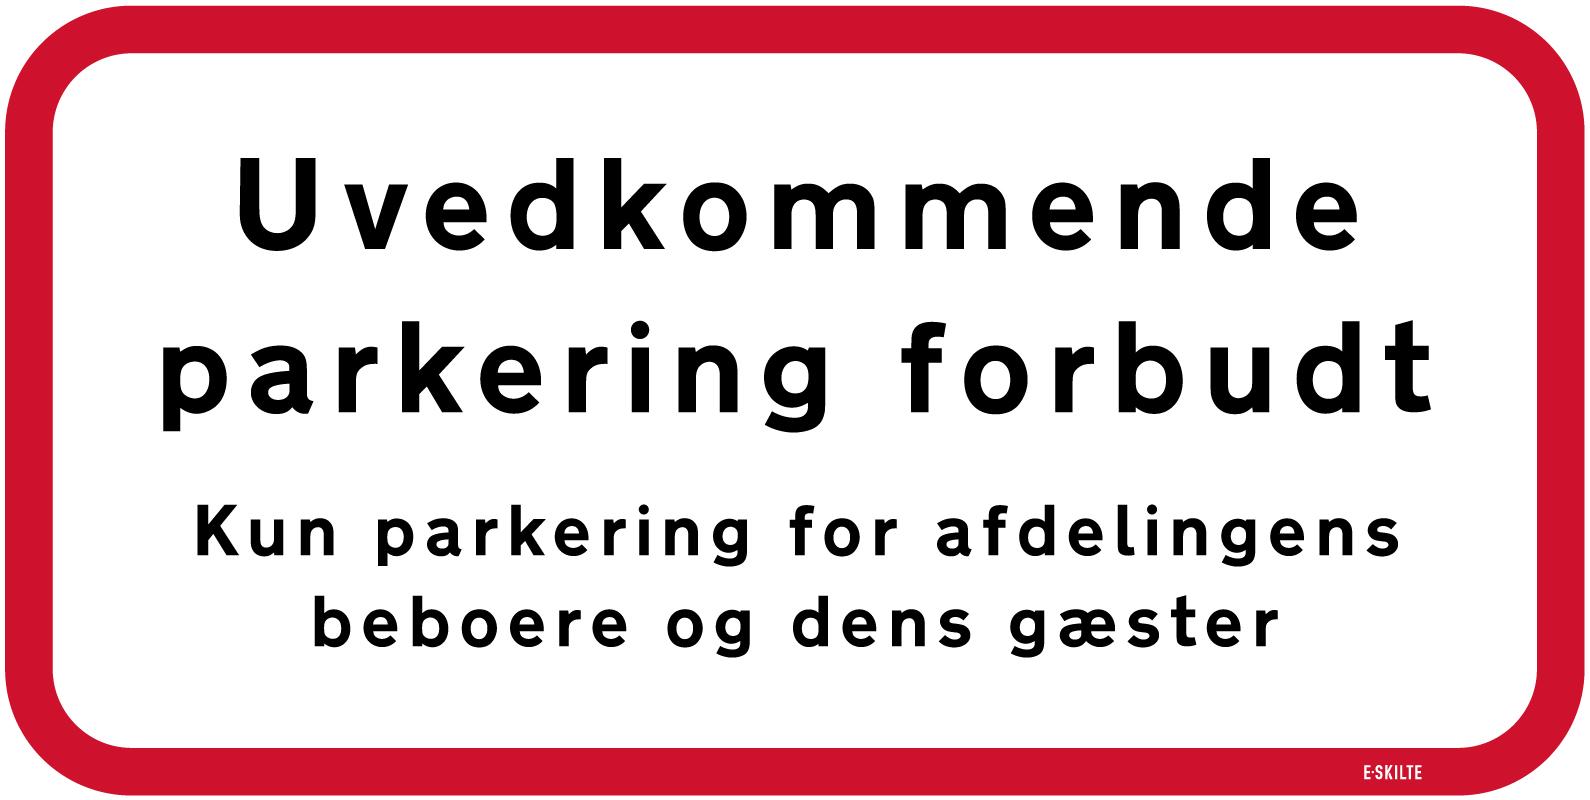 Uvedkommende parkering forbudt Kun parkering for afdelingens beboere og dens gæster skilt